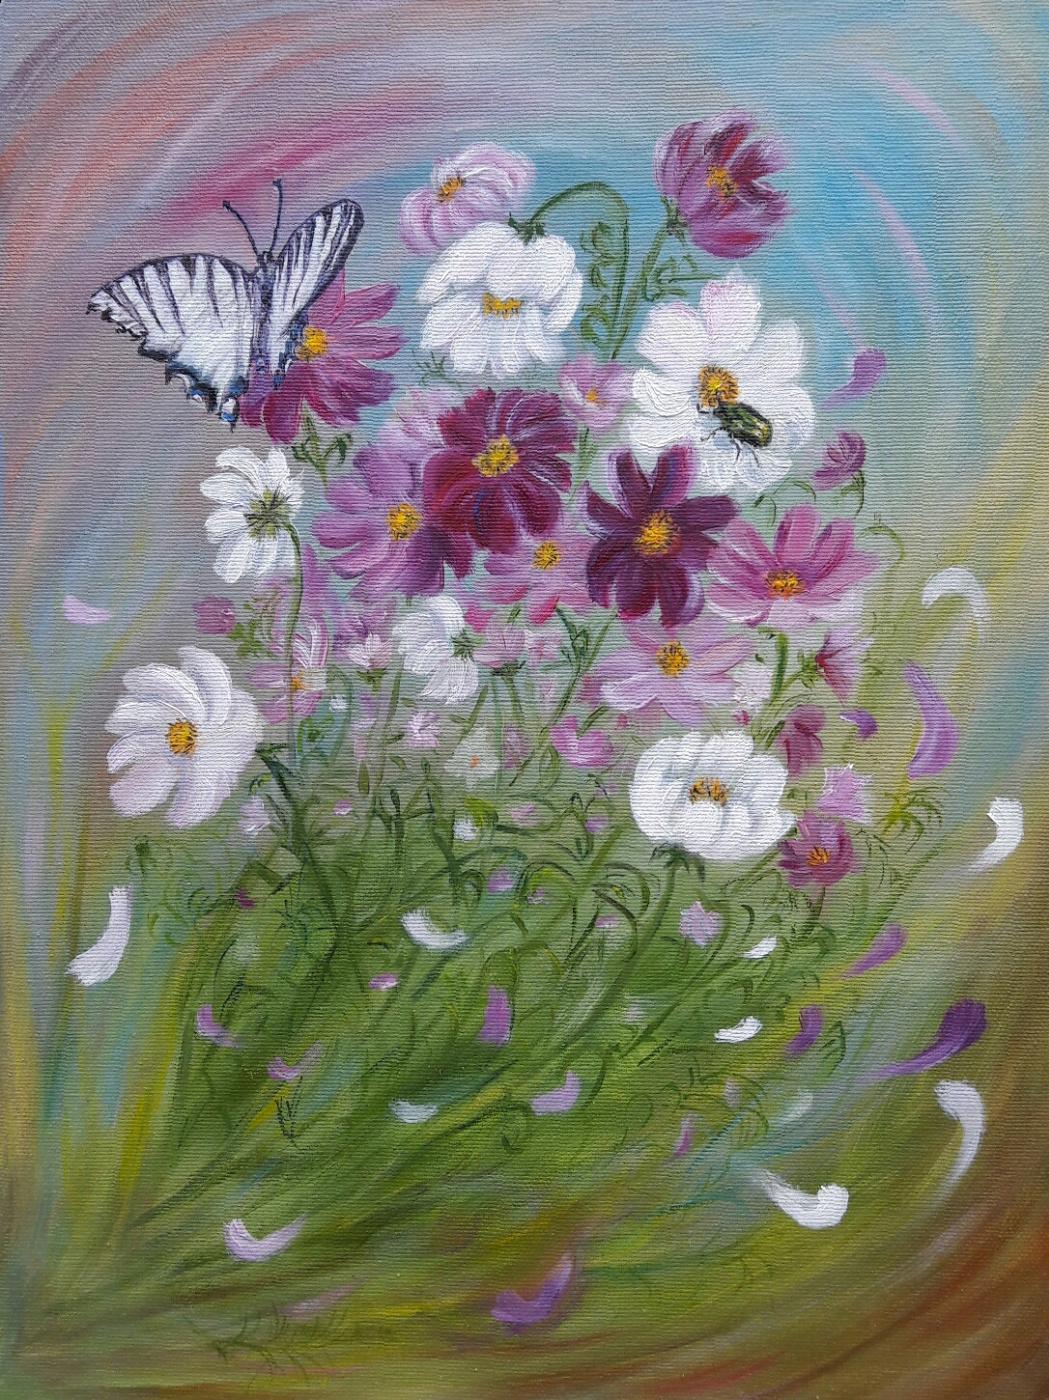 Nadezhda Nikolaevna Kravtsova. Flower fantasy